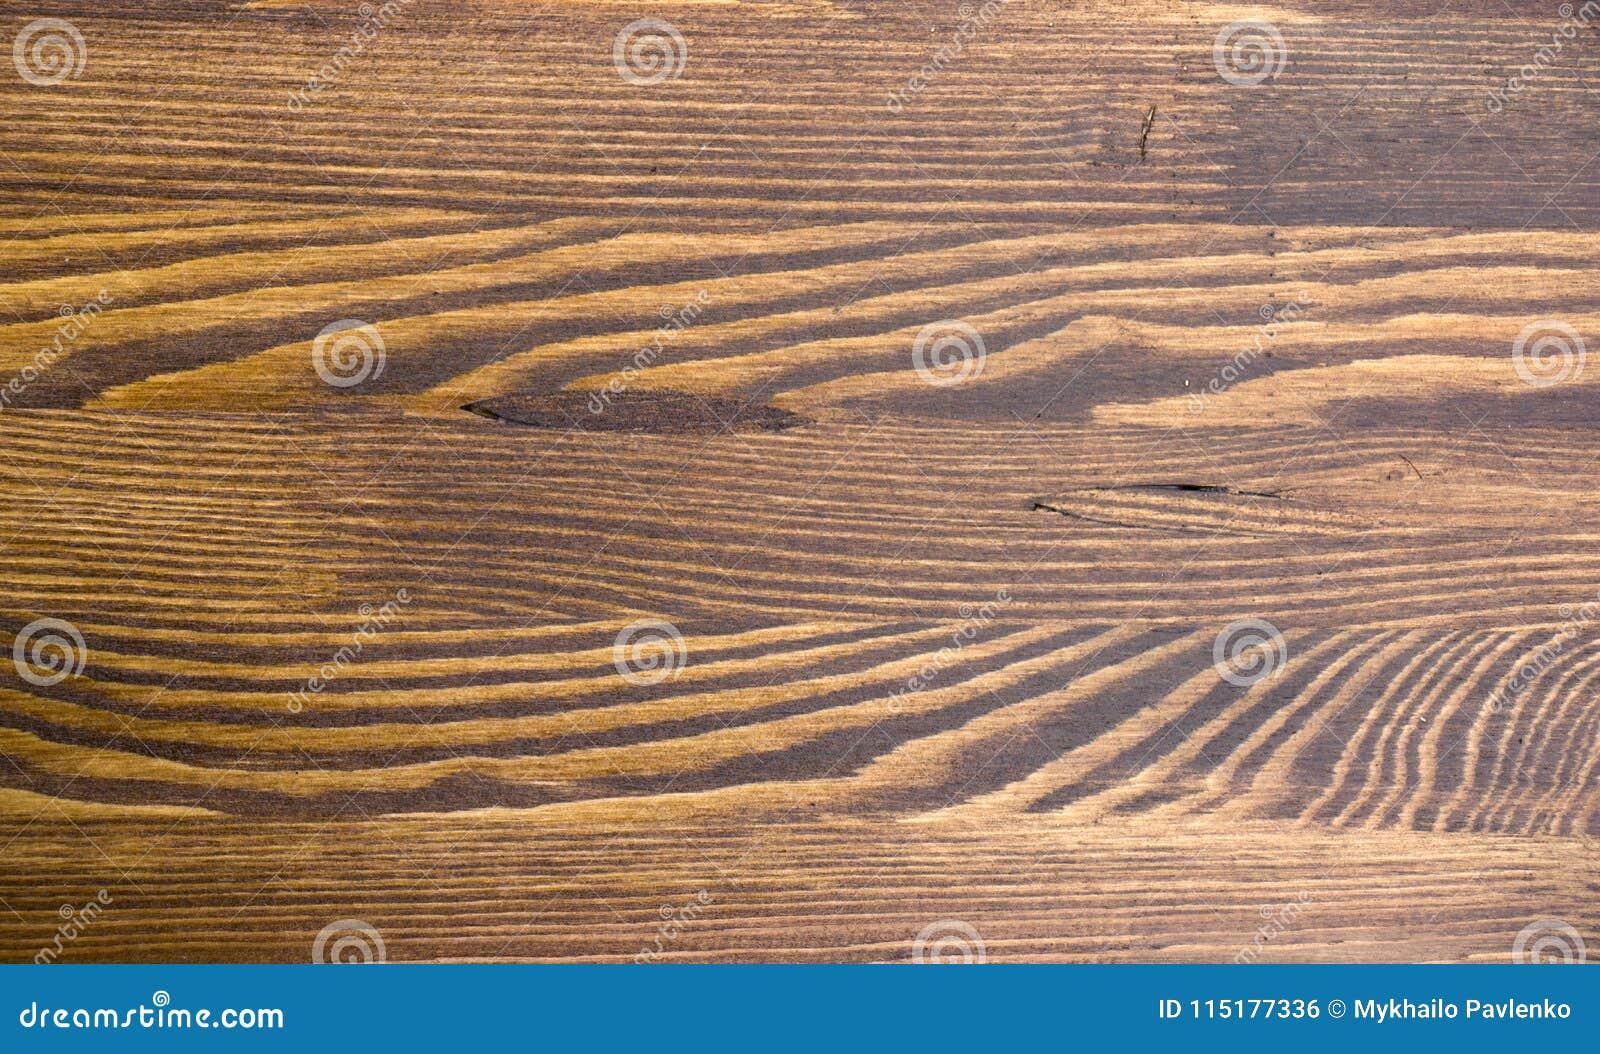 Деревянная коричневая текстура зерна, взгляд сверху предпосылки стены деревянного стола деревянной